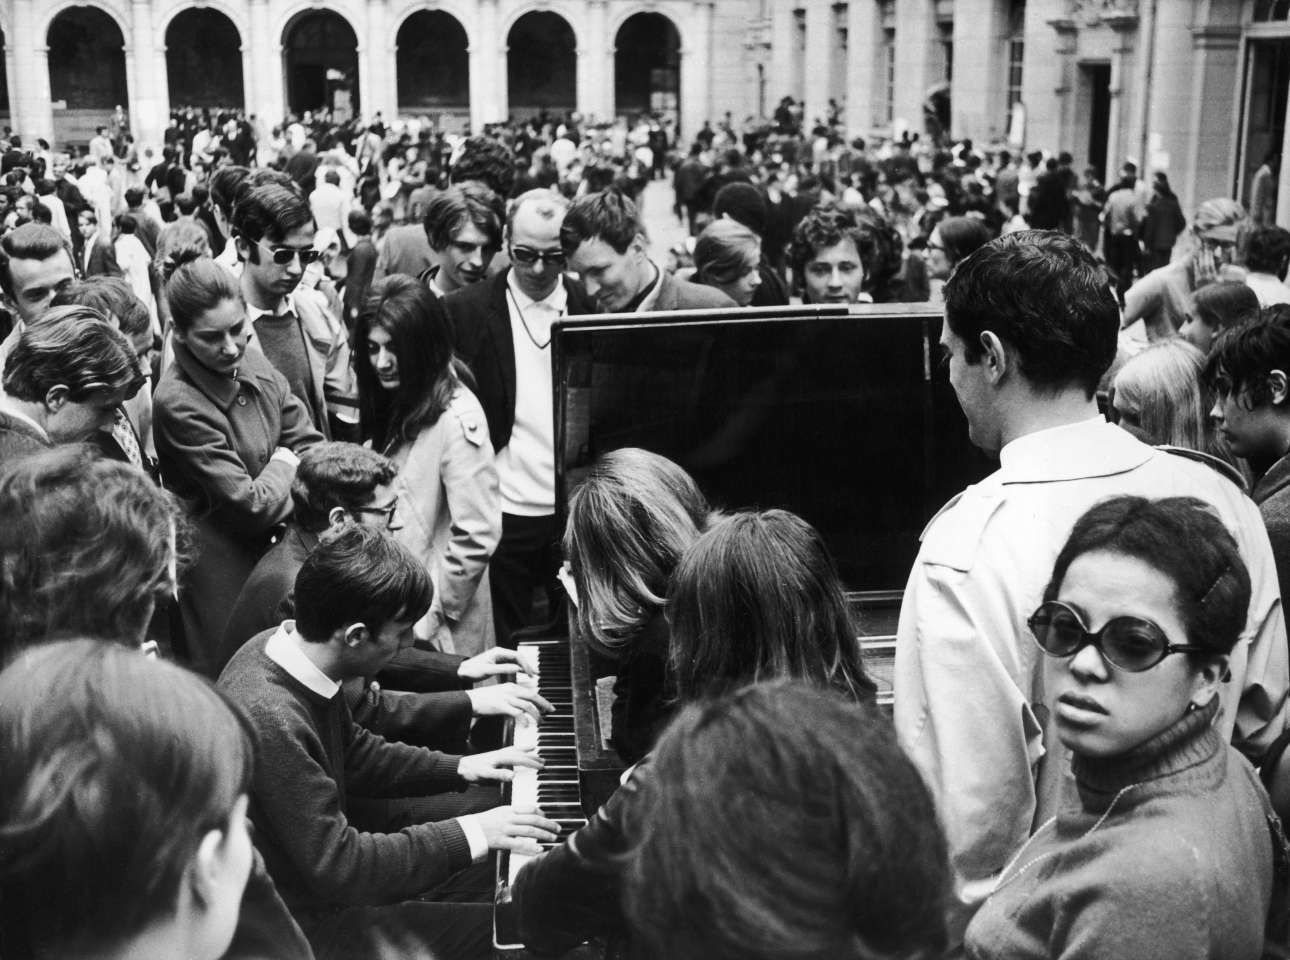 14 Μαϊου 1968. Φοιτητές καταλαμβάνουν την Σορβόννη με «όπλο» ένα πιάνο, κατά τη διάρκεια της εξέγερσης του Μάη του '68 στο Παρίσι